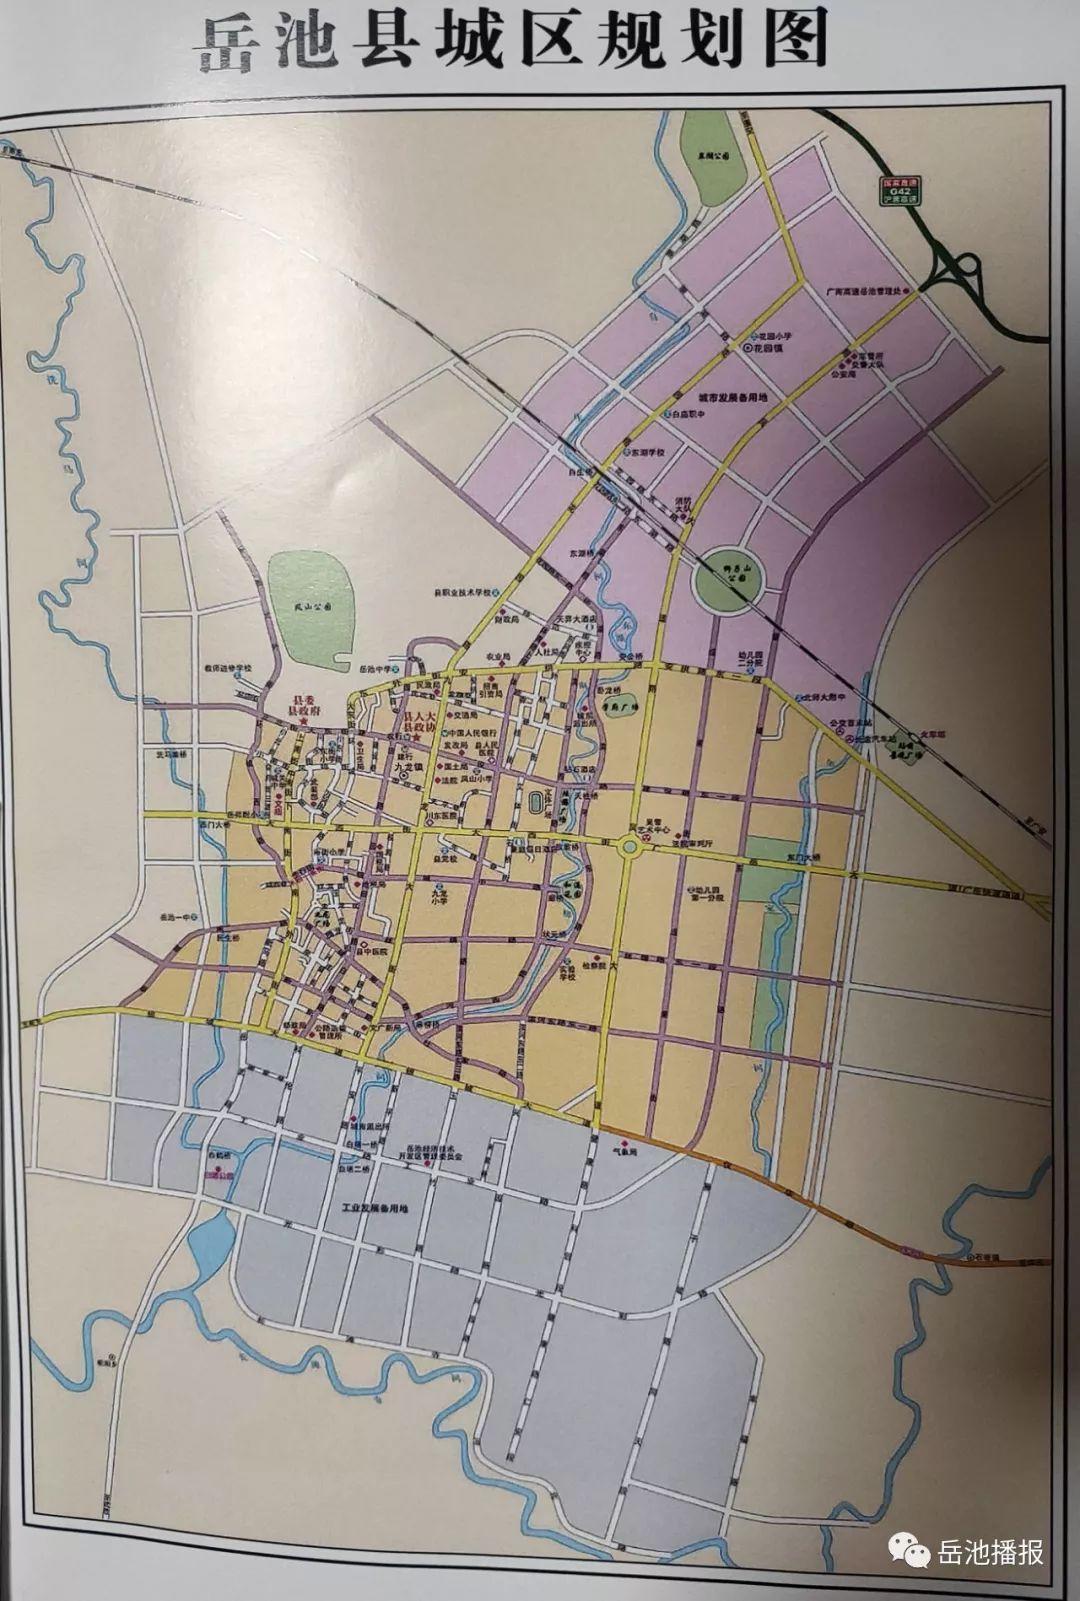 岳池城市最新人口_岳池飞机场最新规划图